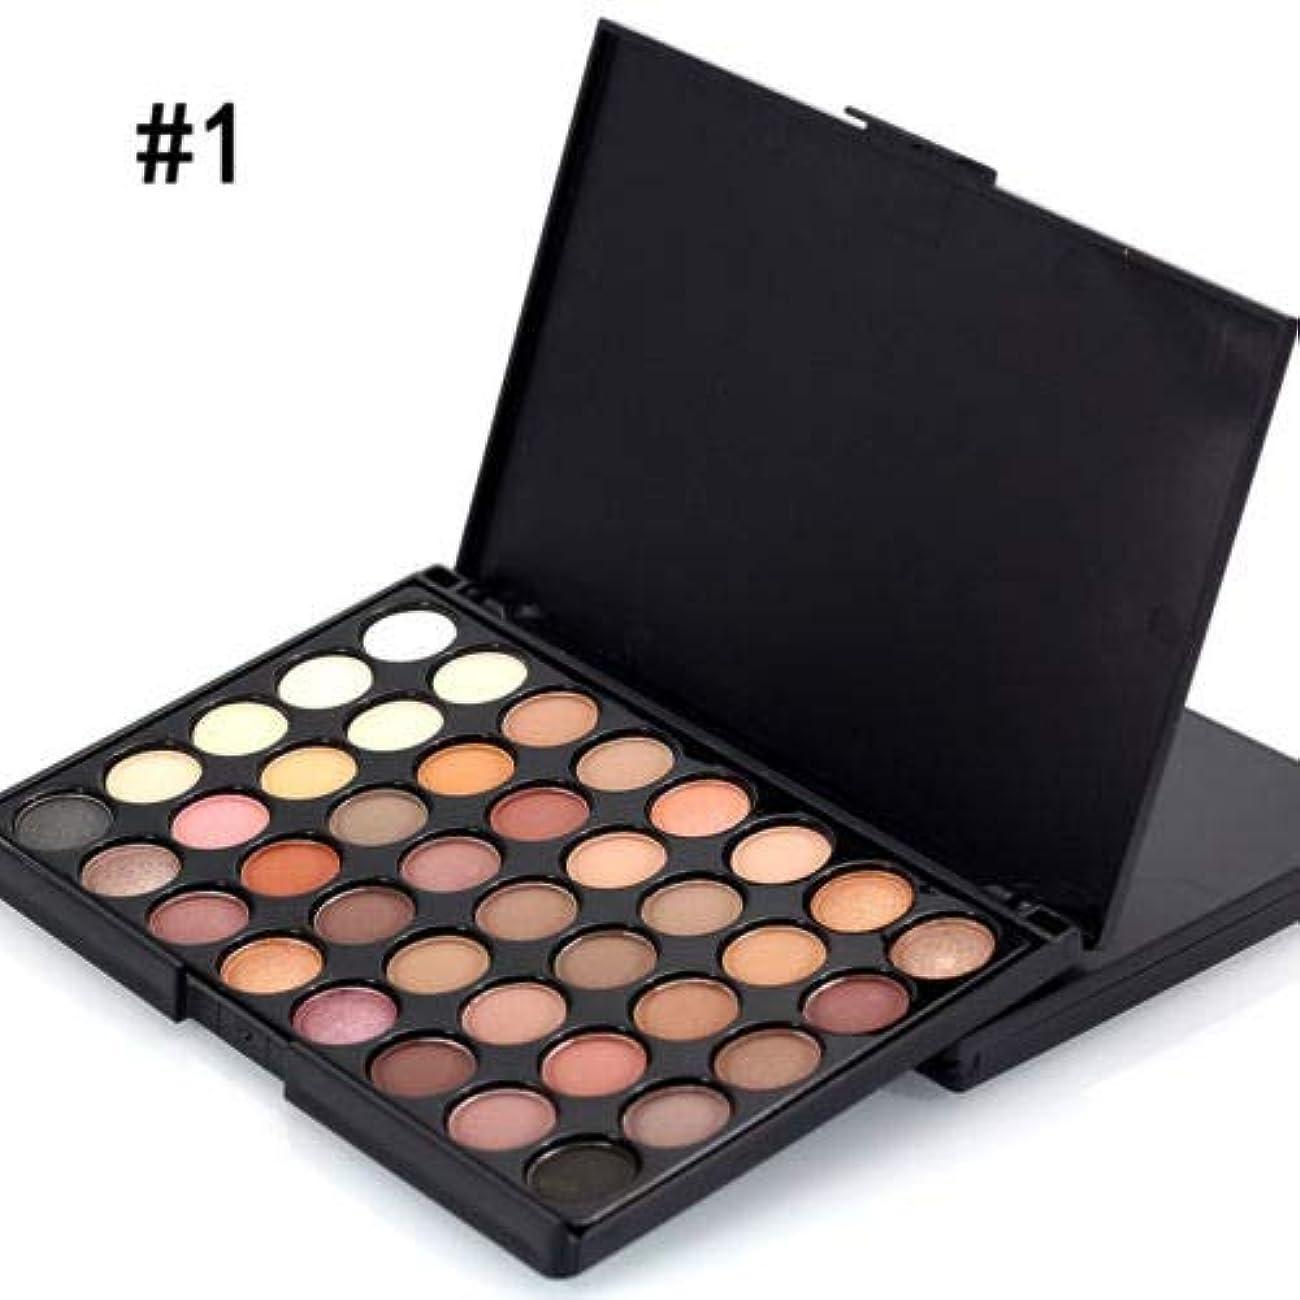 あざ禁じる私たち自身FidgetGear 40色化粧品パウダーアイシャドーアイシャドーパレットメイクアップシマーセットマット #1